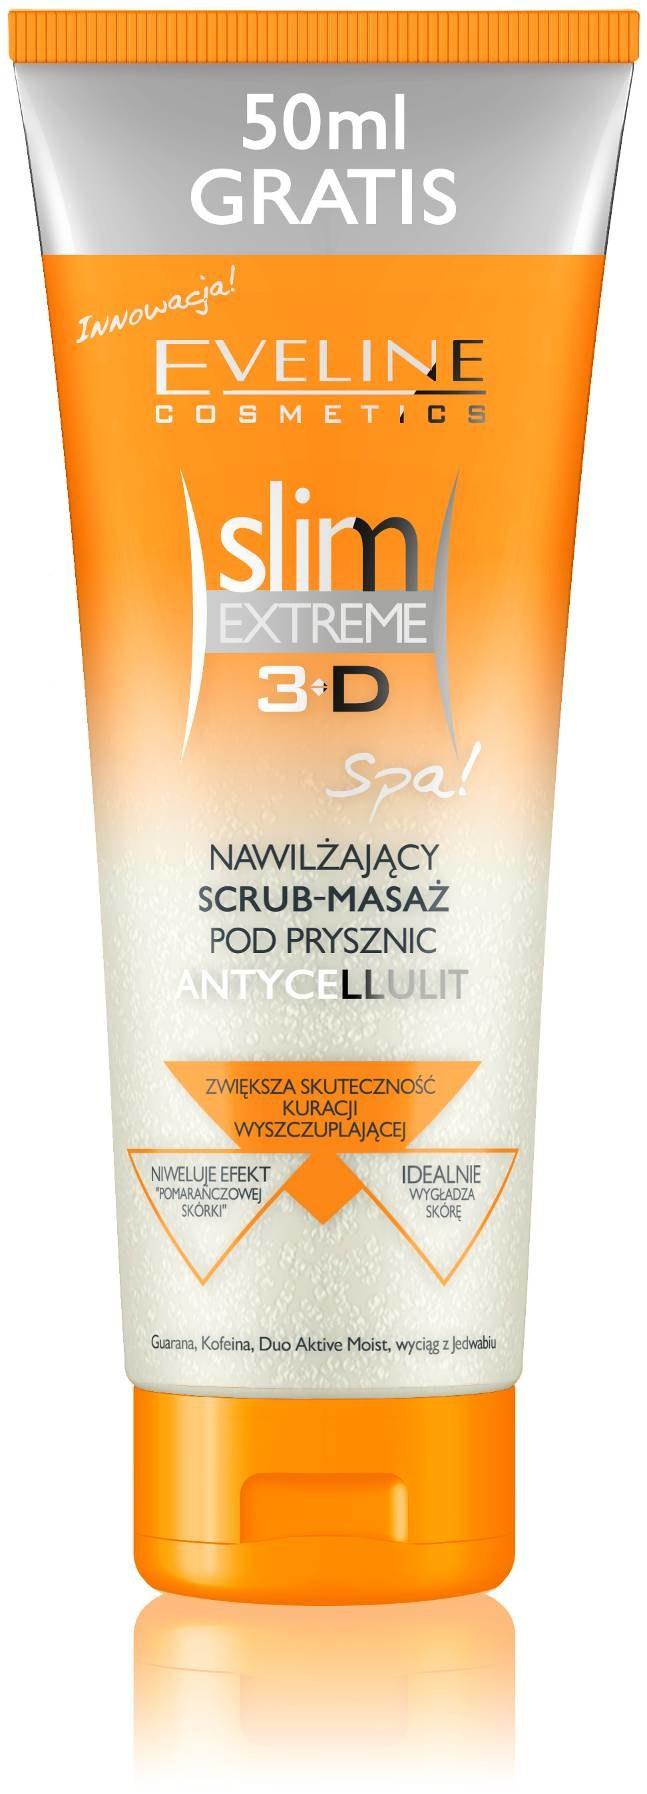 Nawilżający scrub-masaż pod prysznic Antycellulit /materiały promocyjne